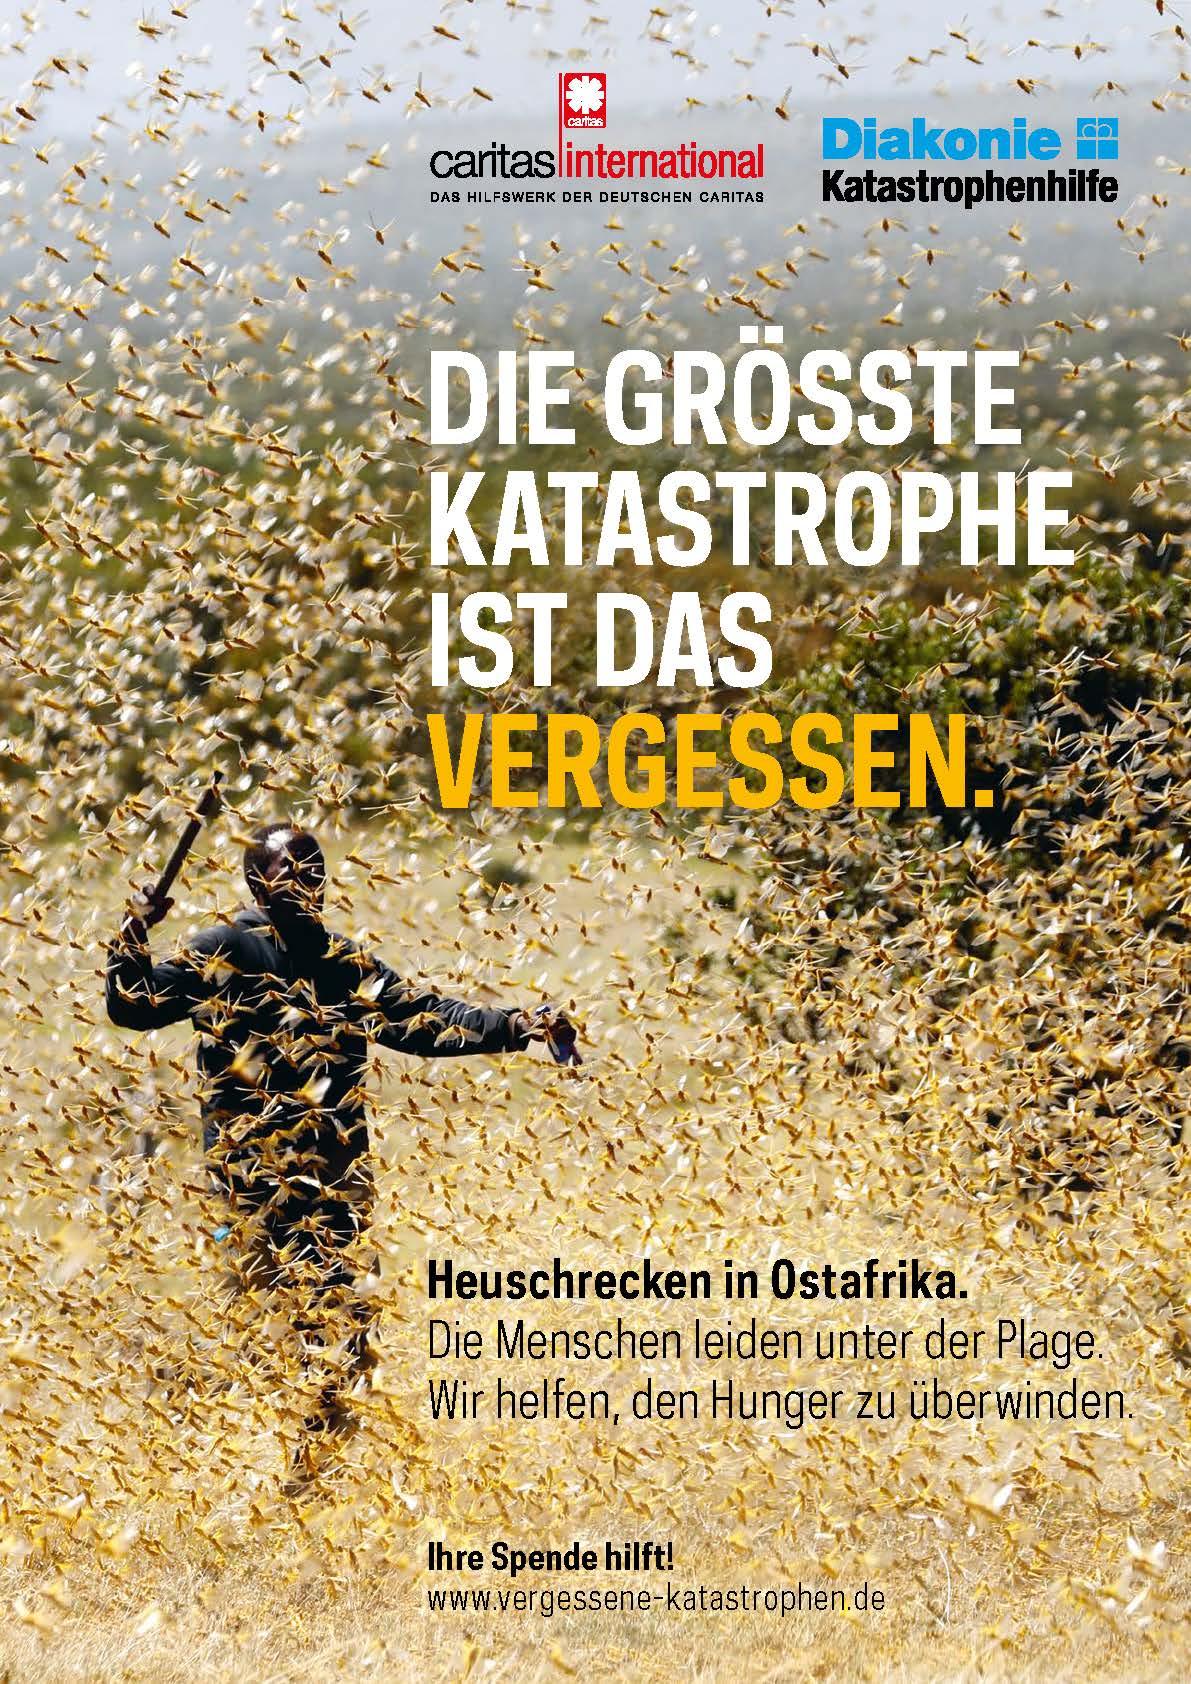 Plakat: Die größte Katastrophe ist das Vergessen